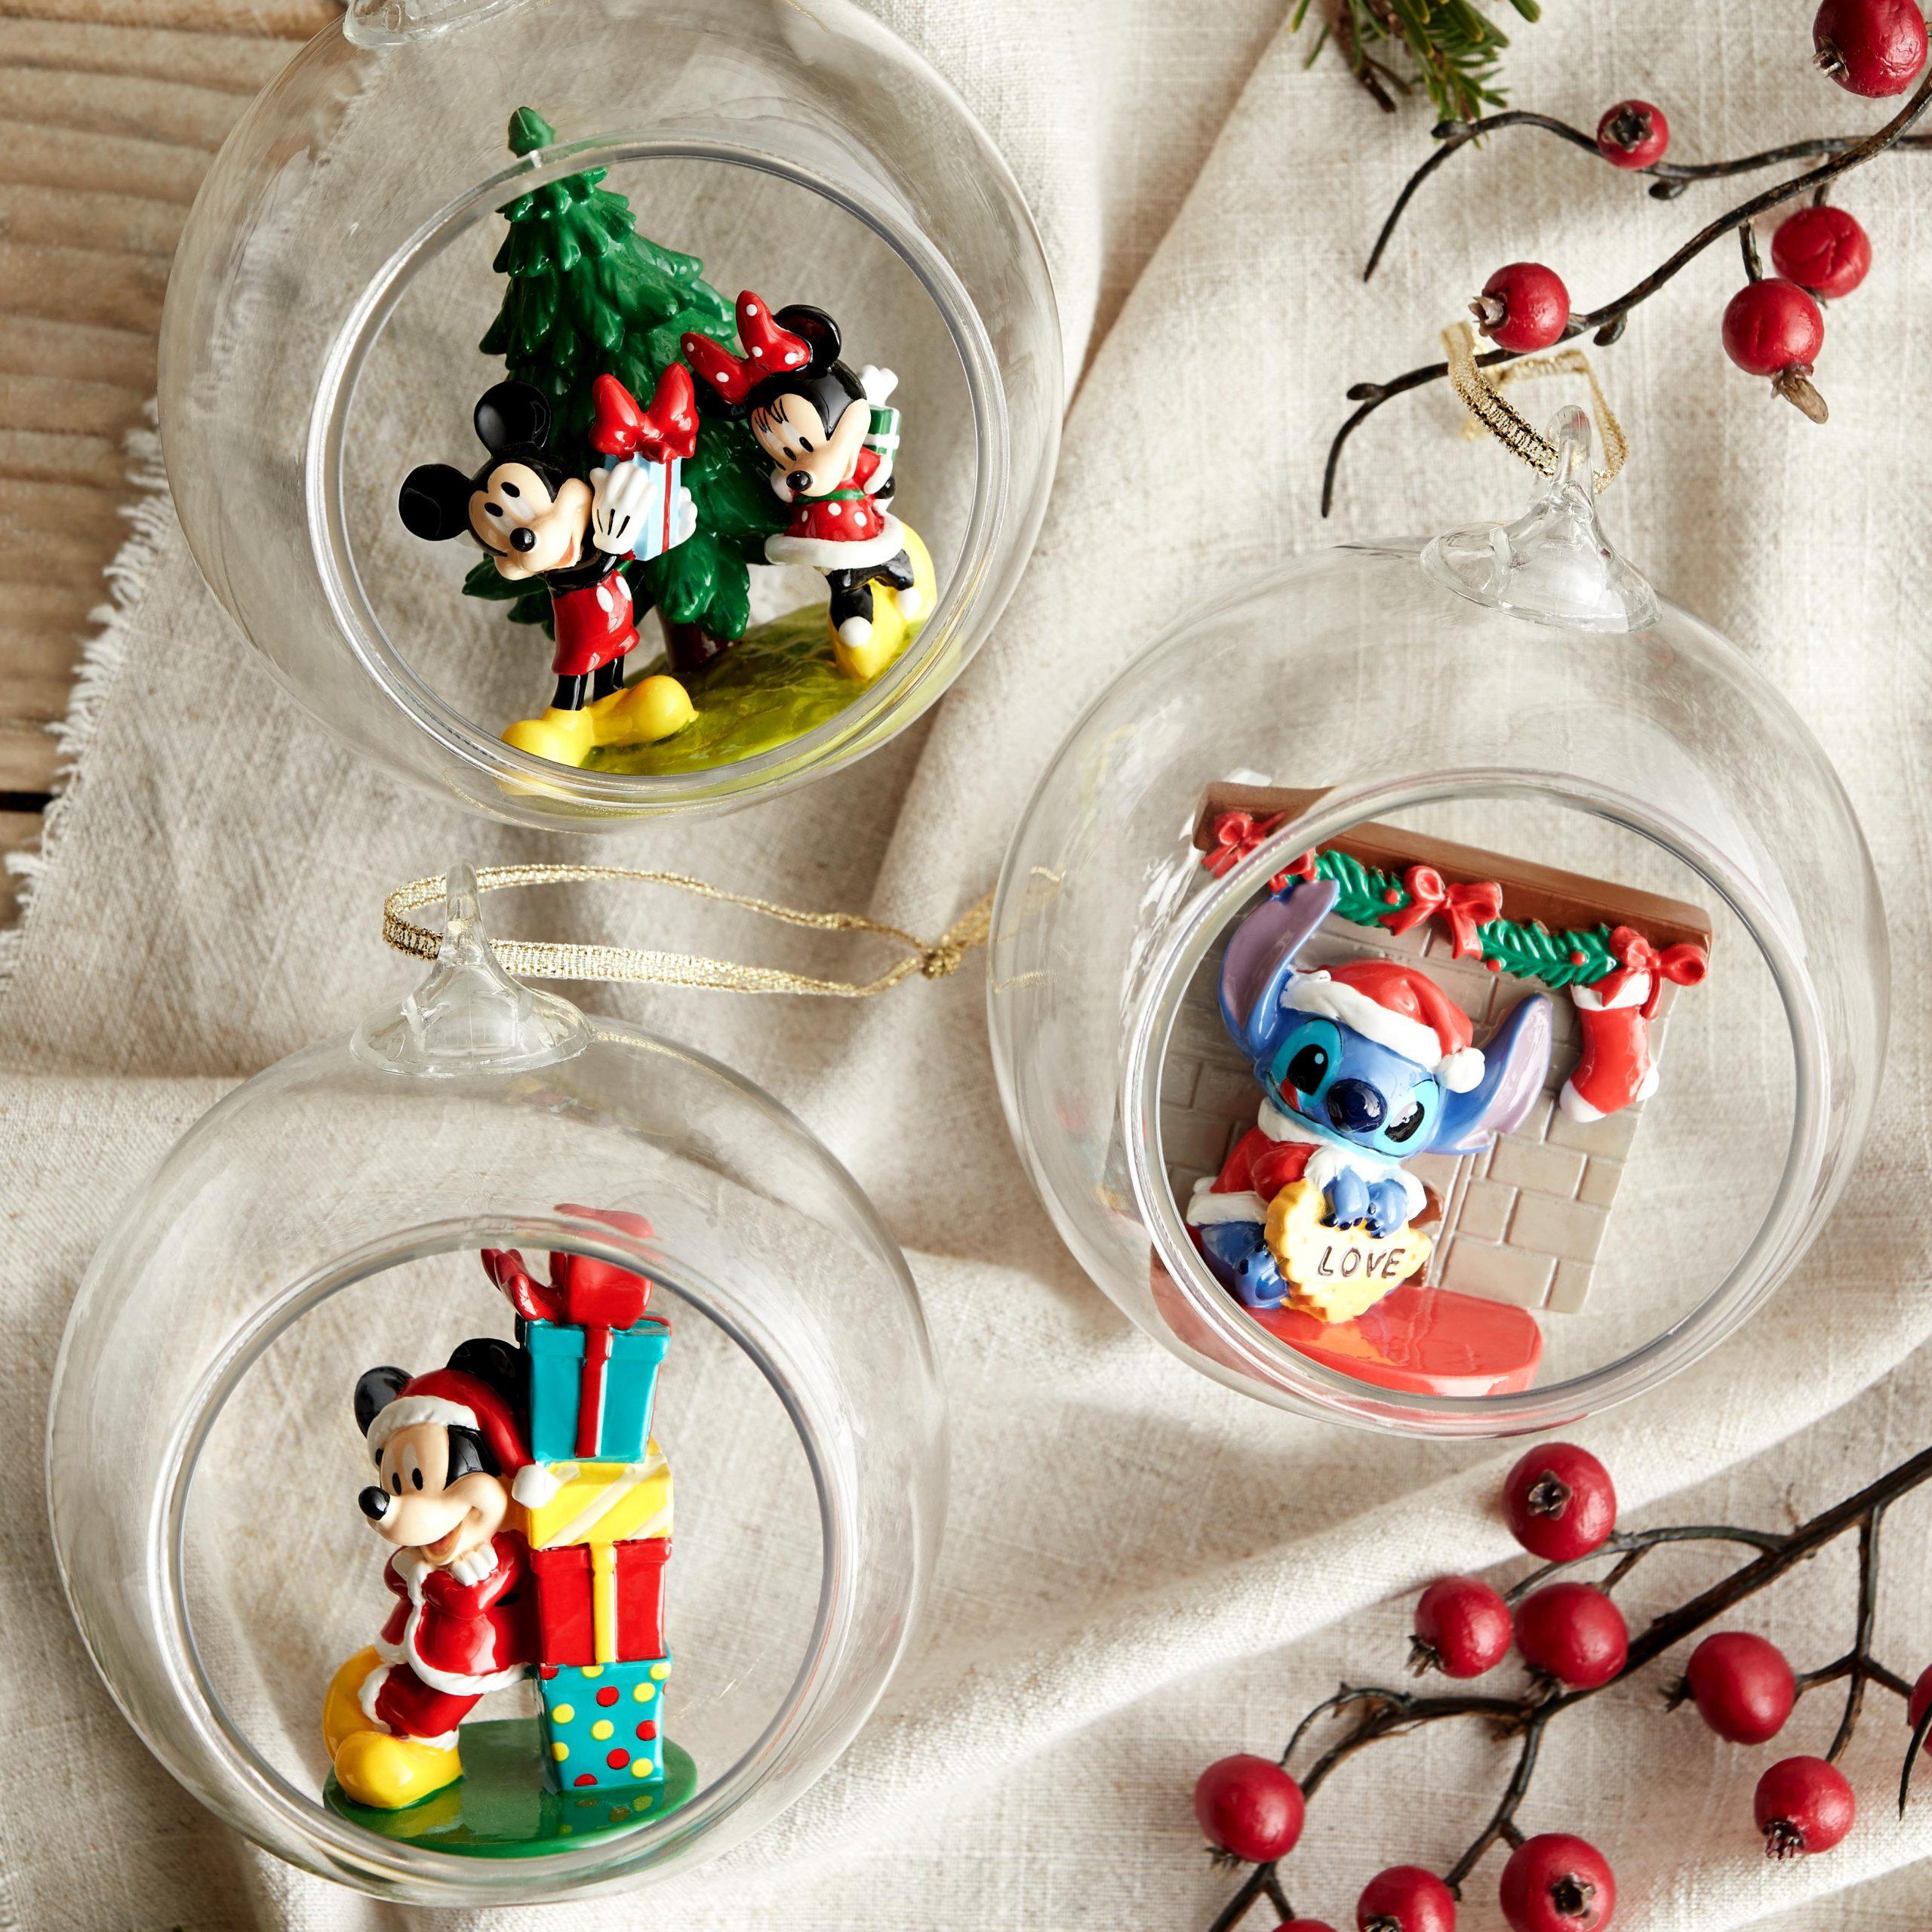 Accesorios orginales de Navidad